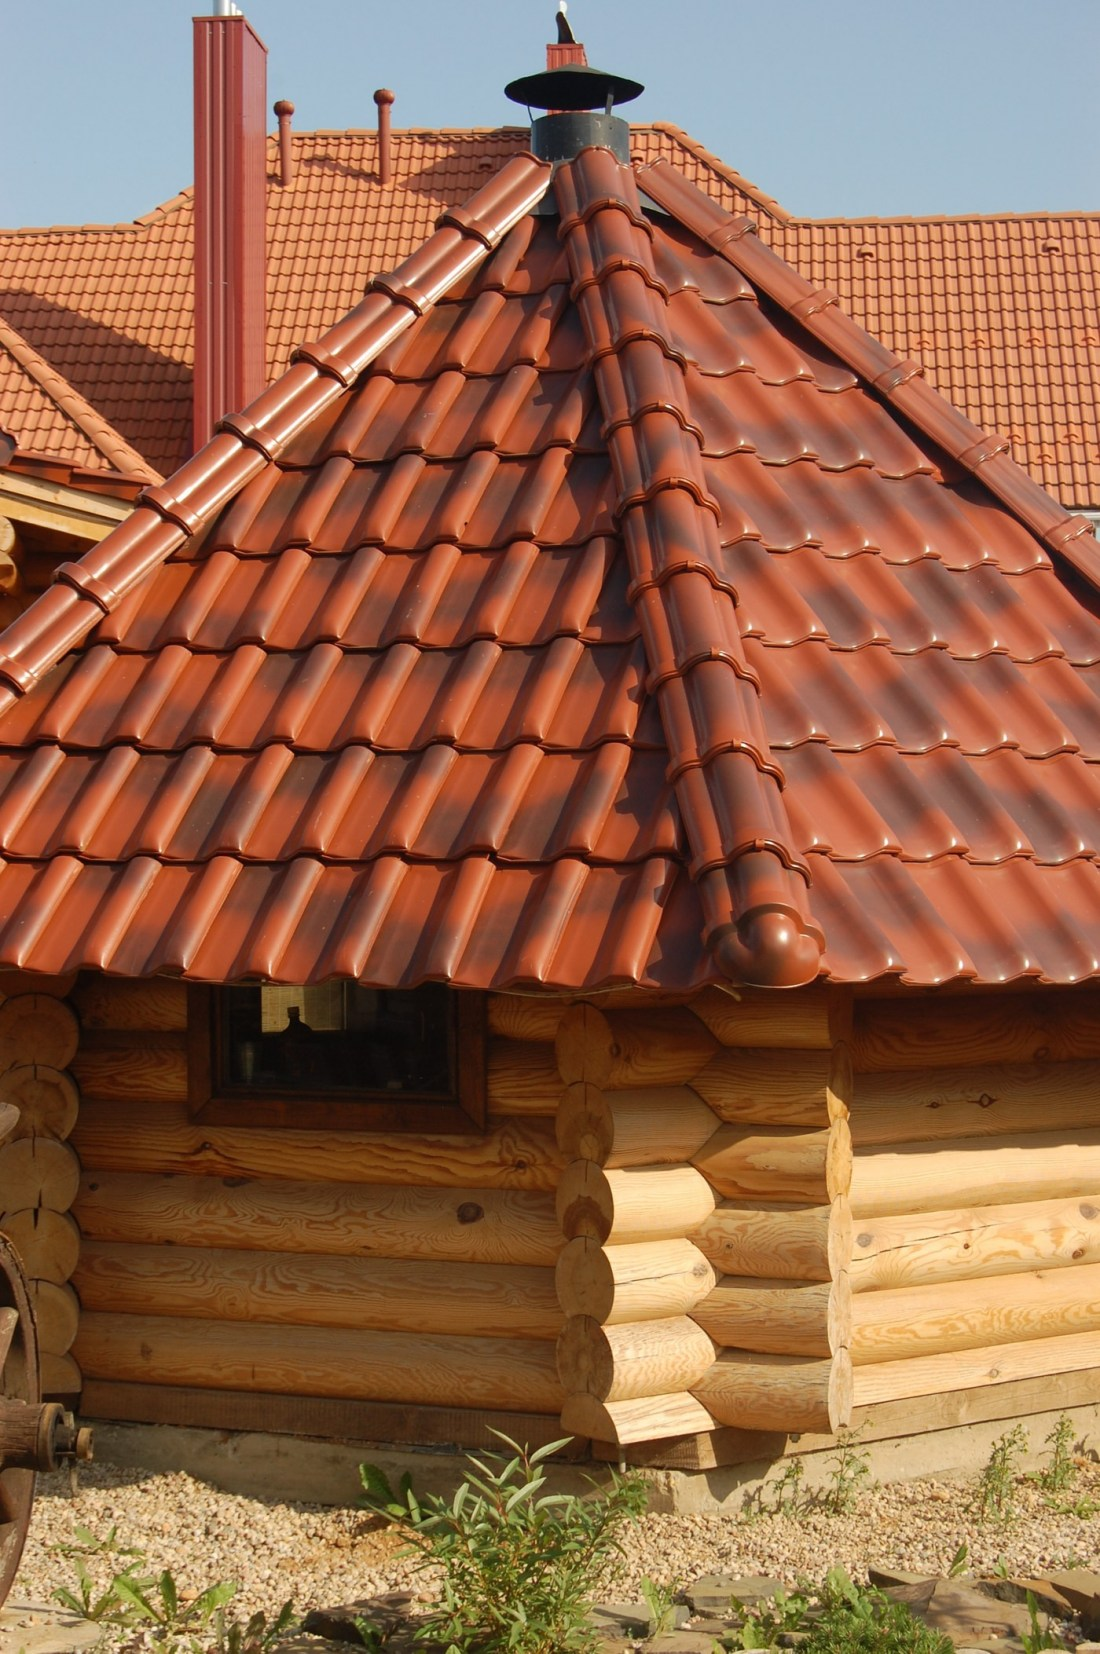 Чем лучше покрыть крышу бани: ондулин, профнастил или черепица, что лучше